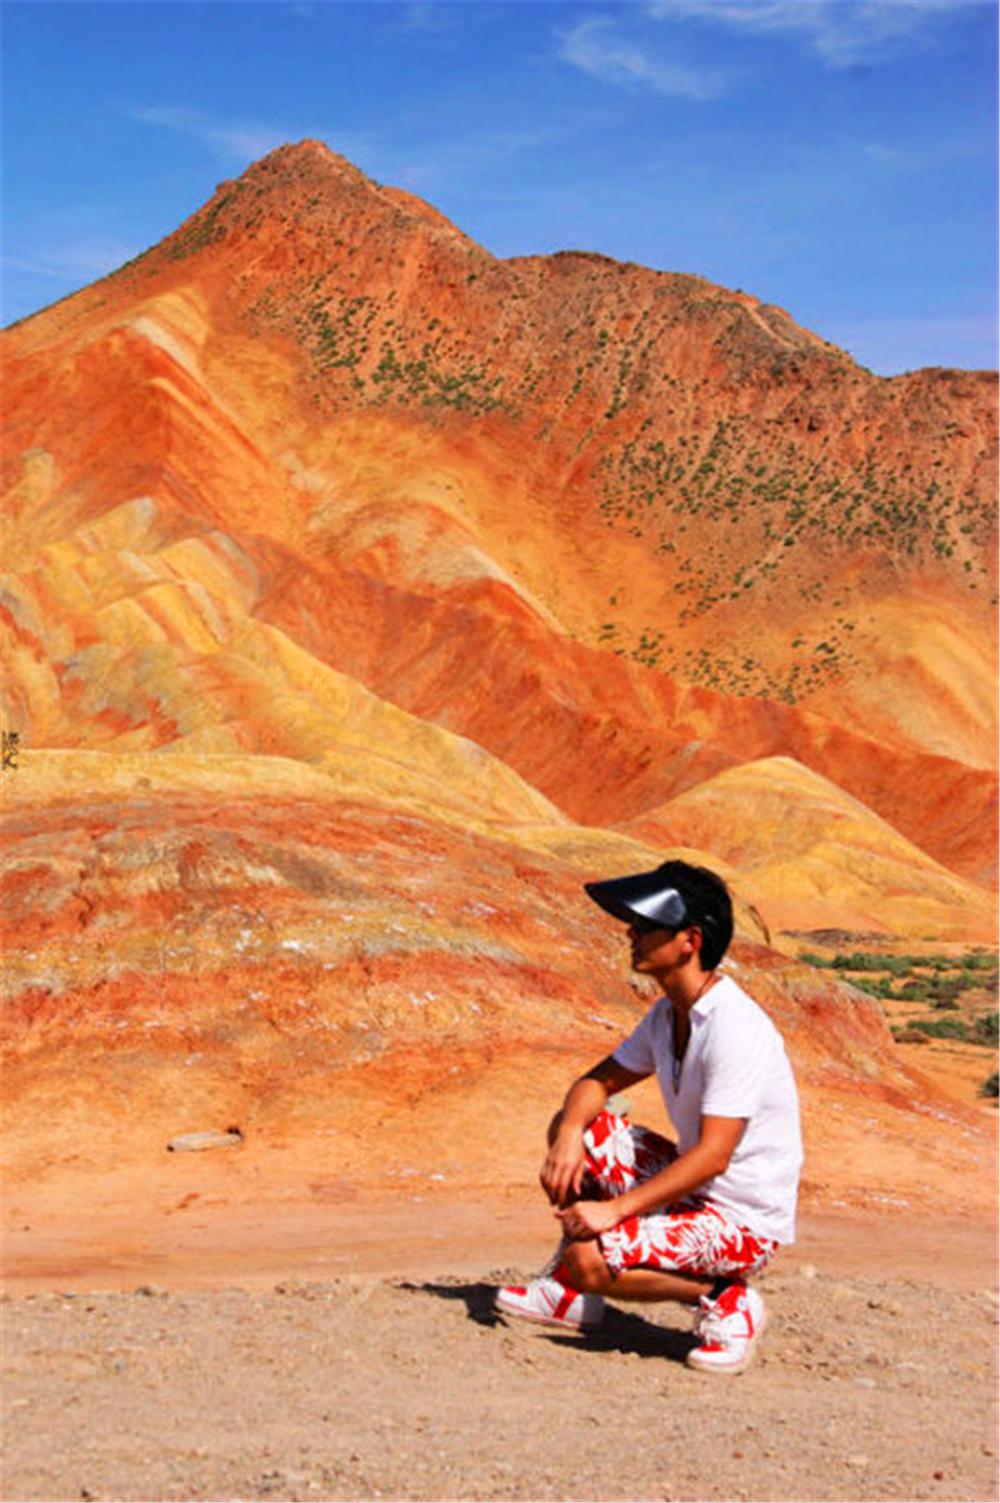 七彩的山峦冲击着我的视觉,那是西部特有的荒凉和壮美 - 达人J - 达人J · 365乐游日记